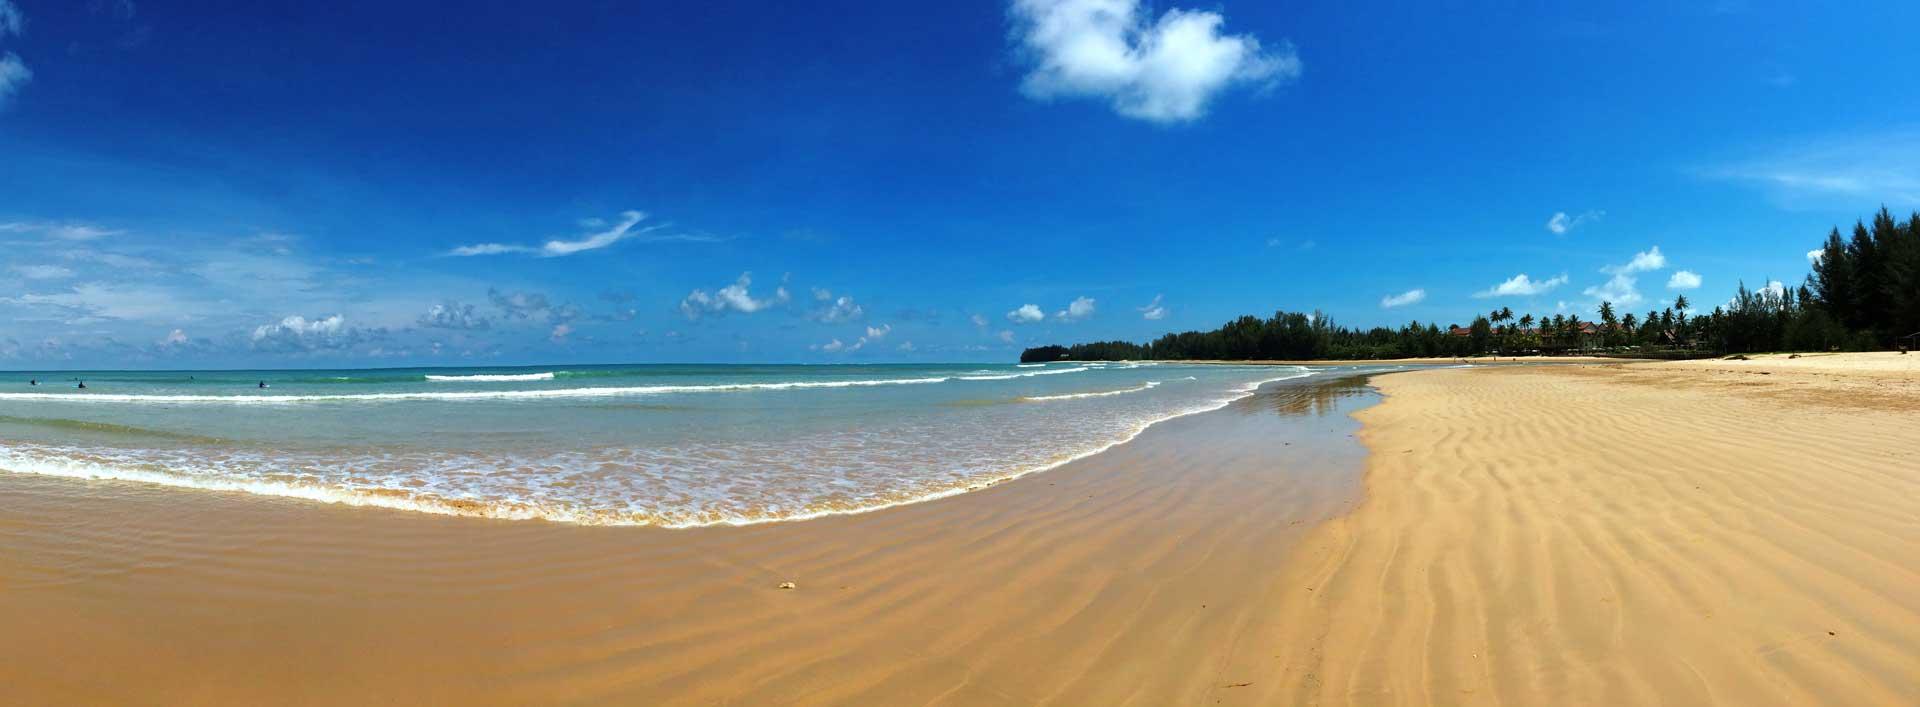 Willkommen am Strand von Khao Lak